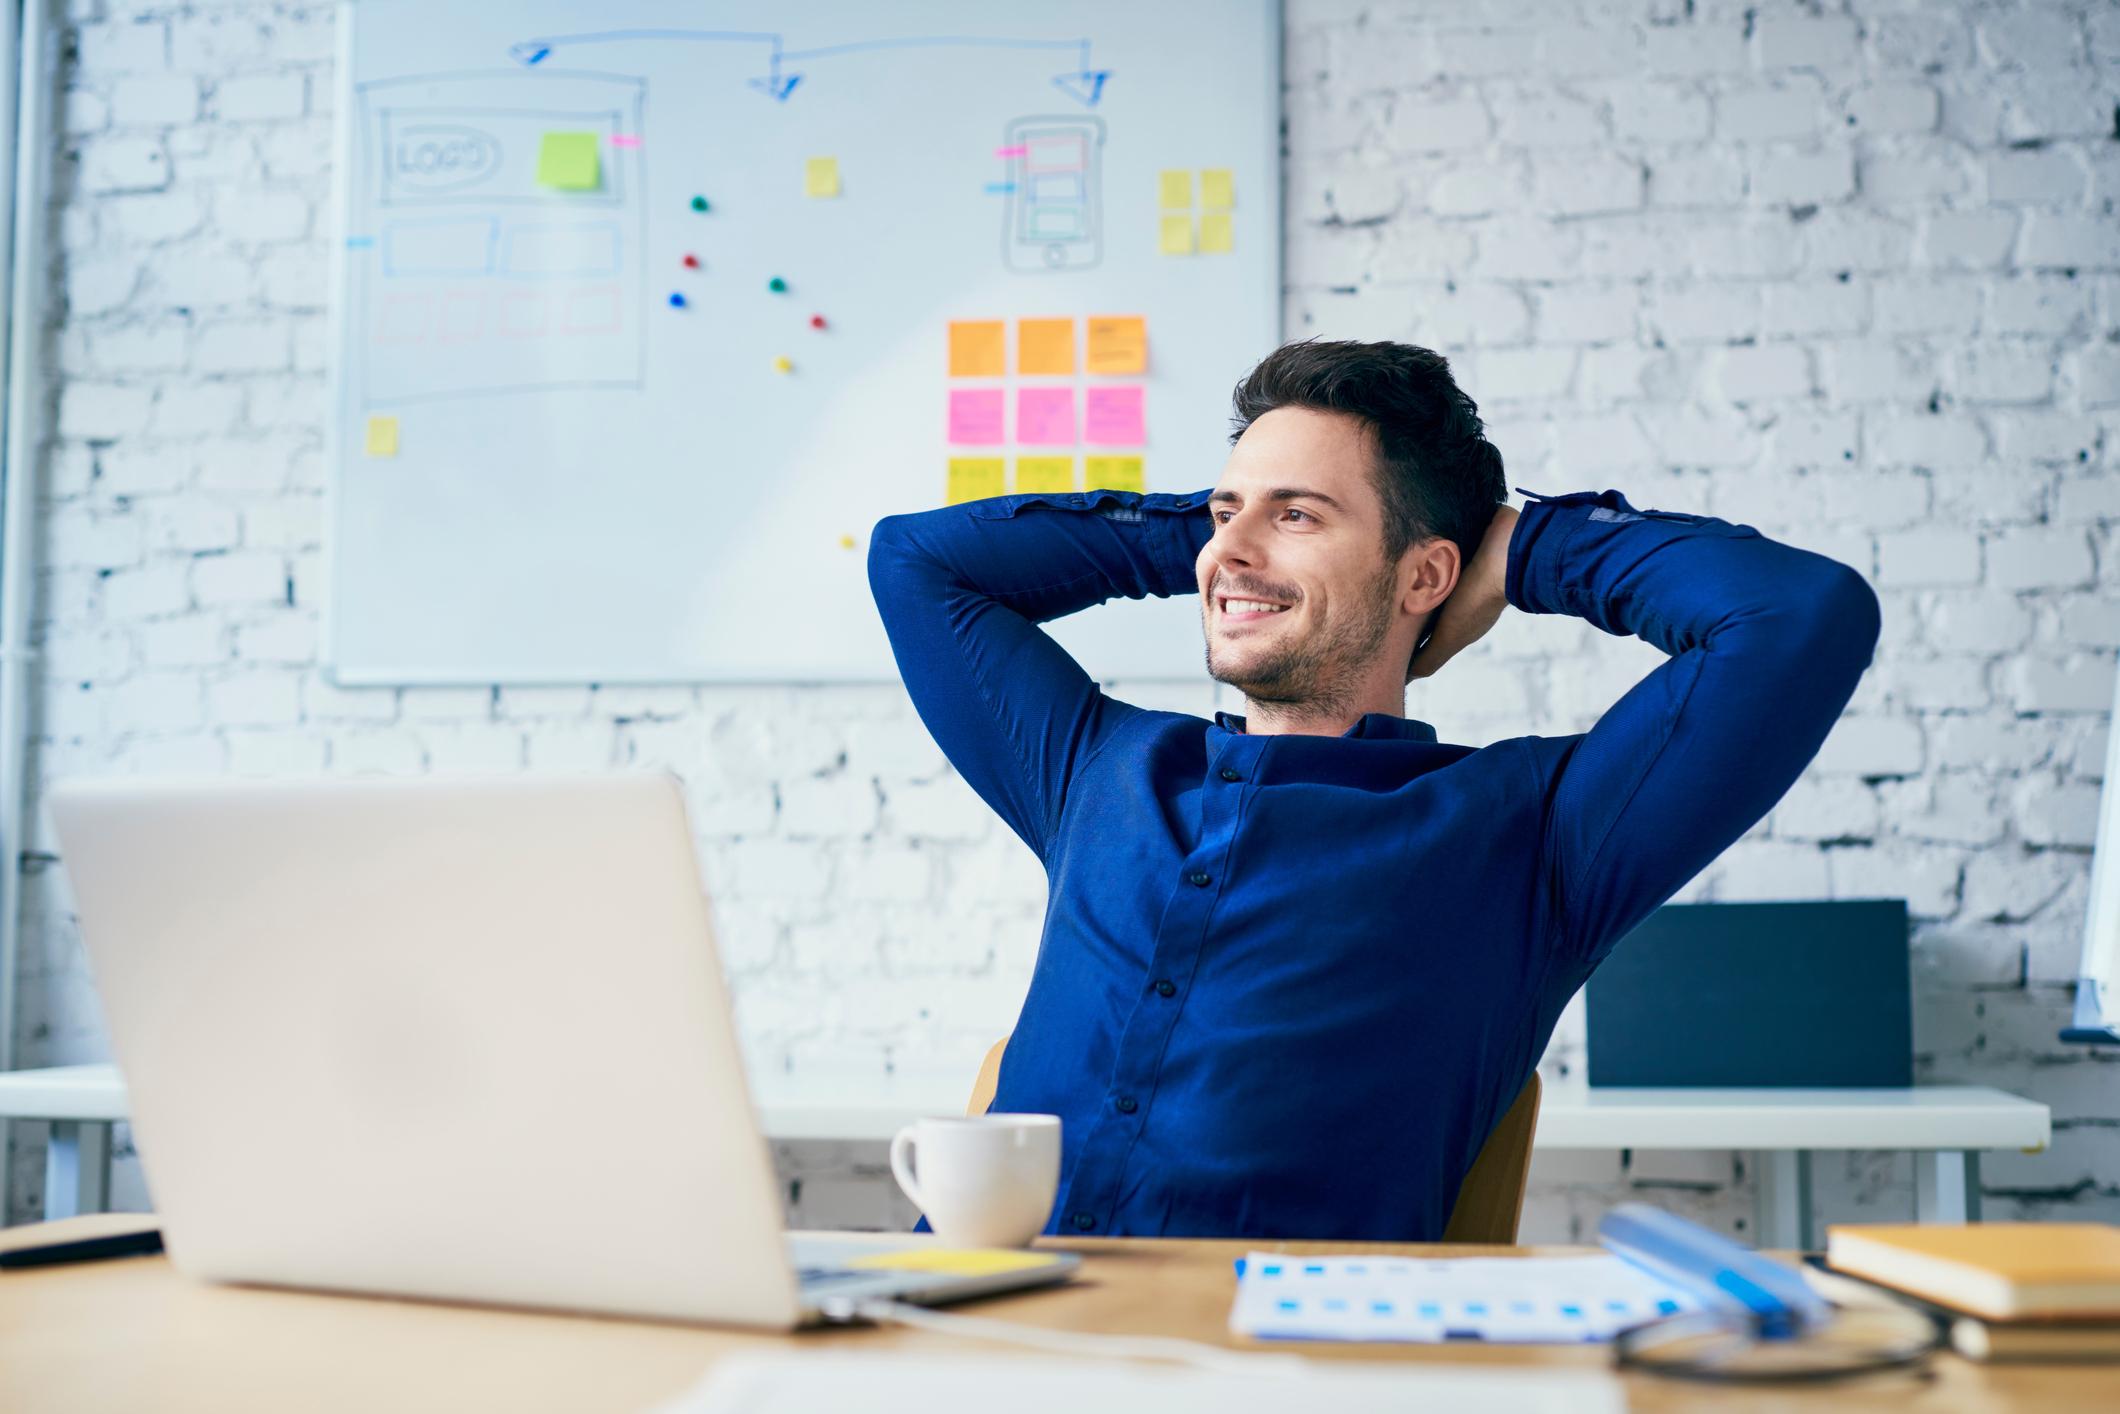 Un homme se recule dans son fauteuil, les mains derrière la tête, souriant. Un ordinateur portable est sur la table devant lui.